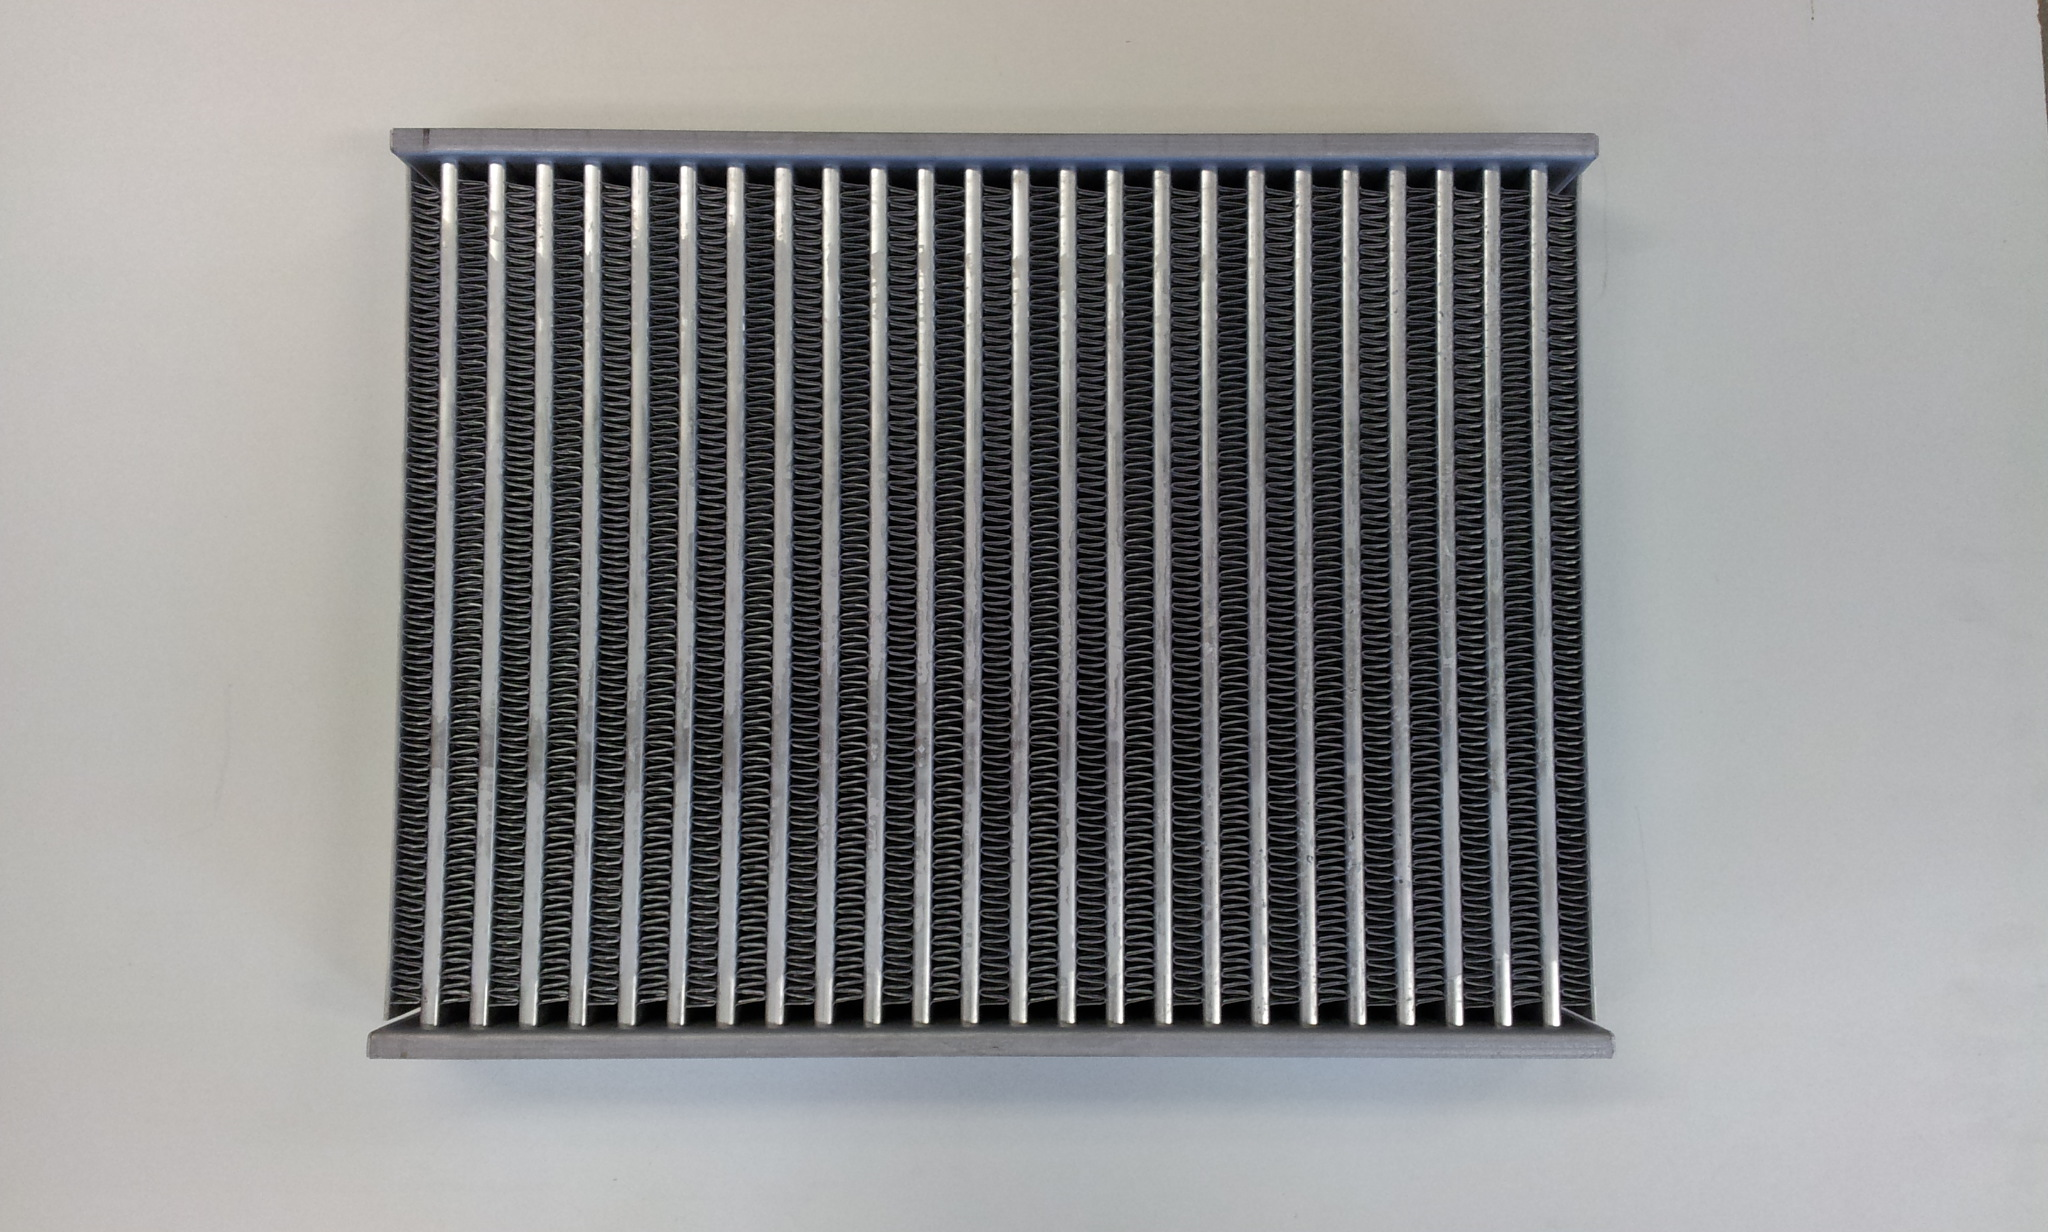 Interkoeler blok 495 x 520 x 40 mm-0